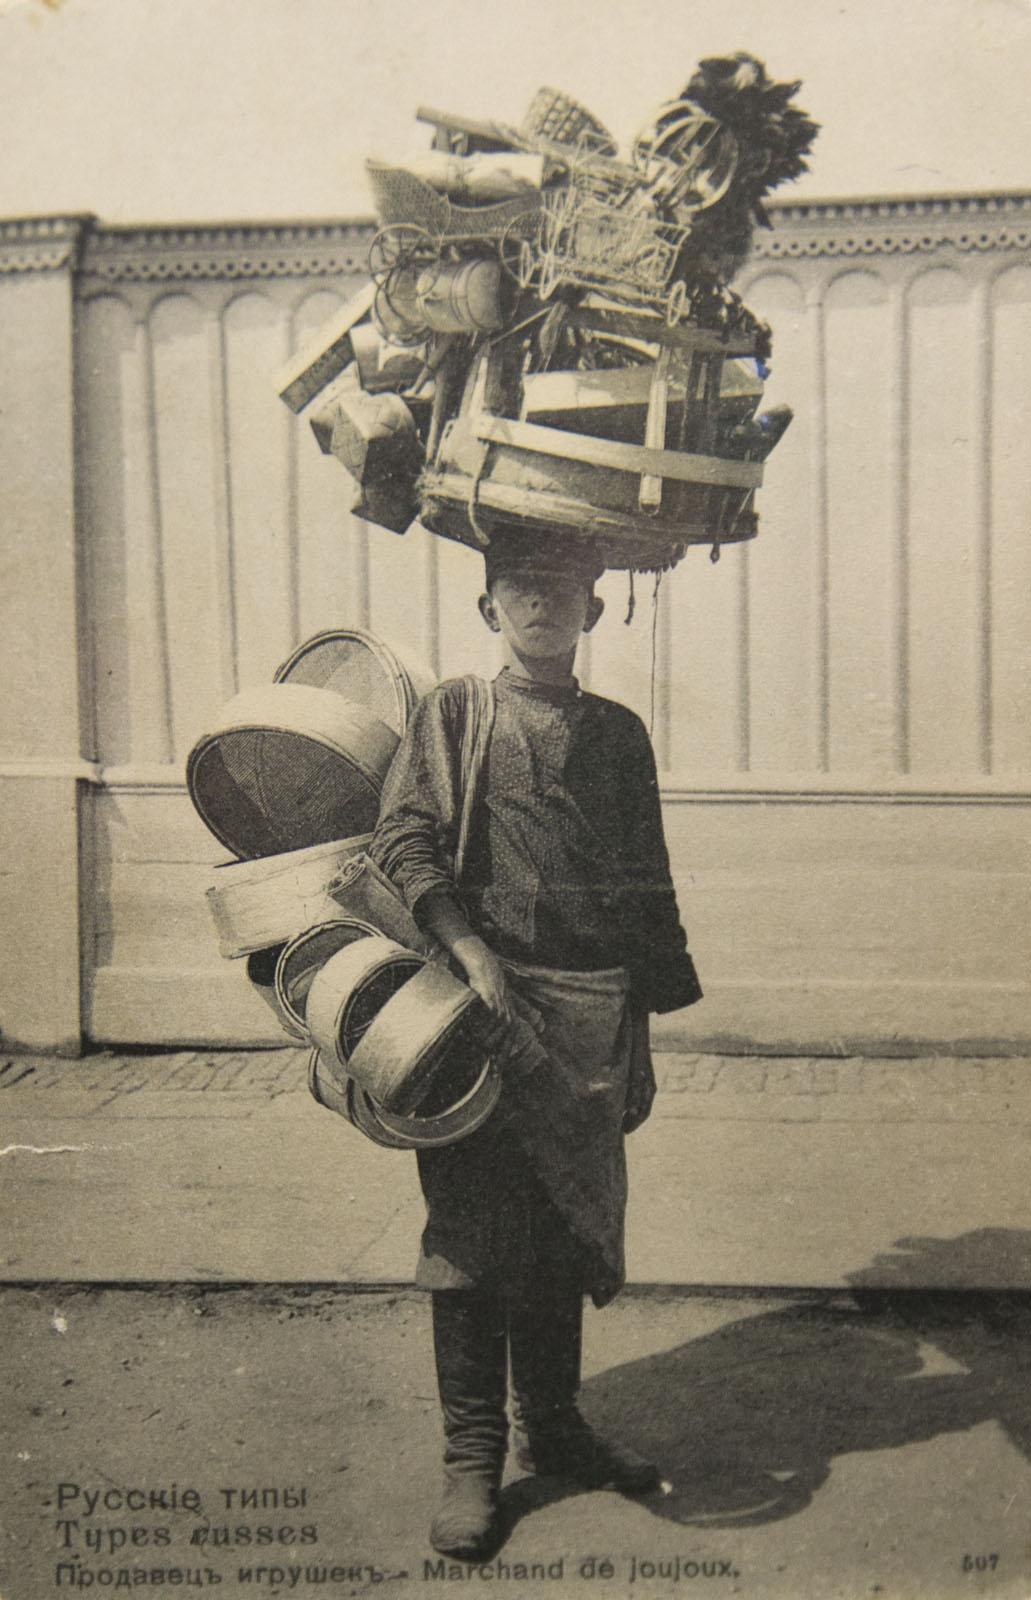 Фото №79934. Типы России. Продавец игрушек. Москва, 1900-е гг.